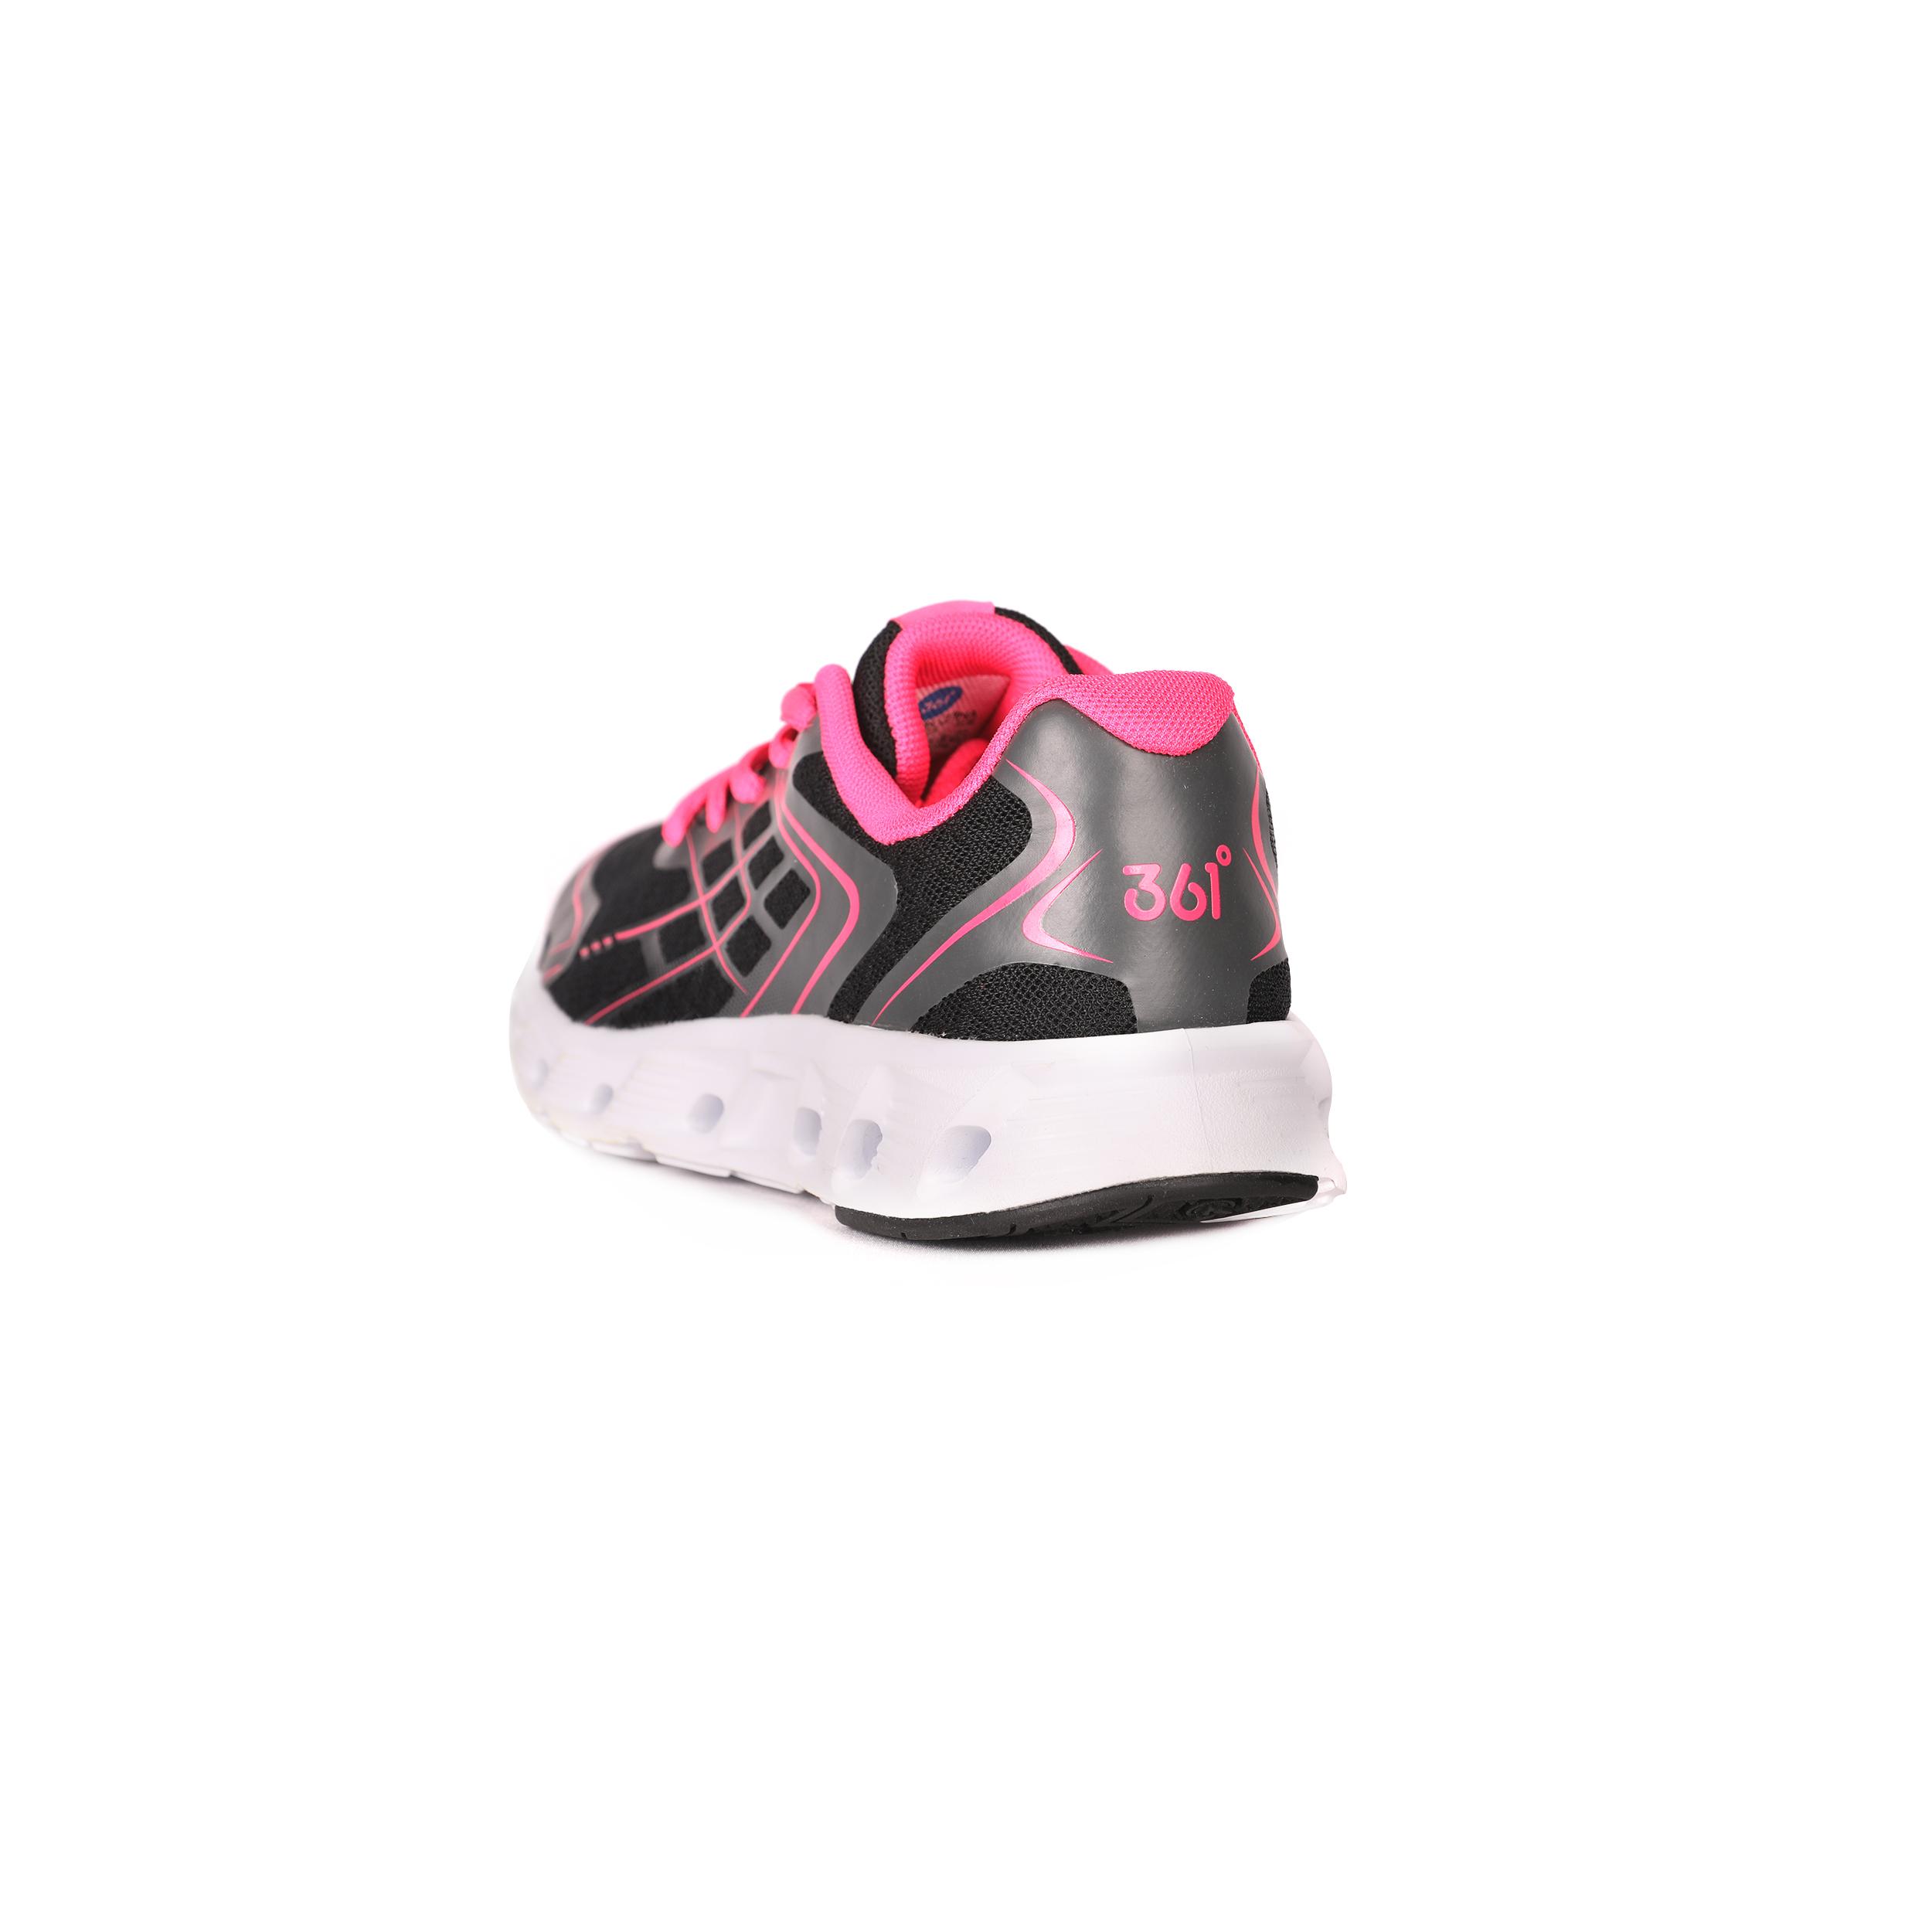 کفش مخصوص پیاده روی دخترانه 361 درجه کد K81833518-3